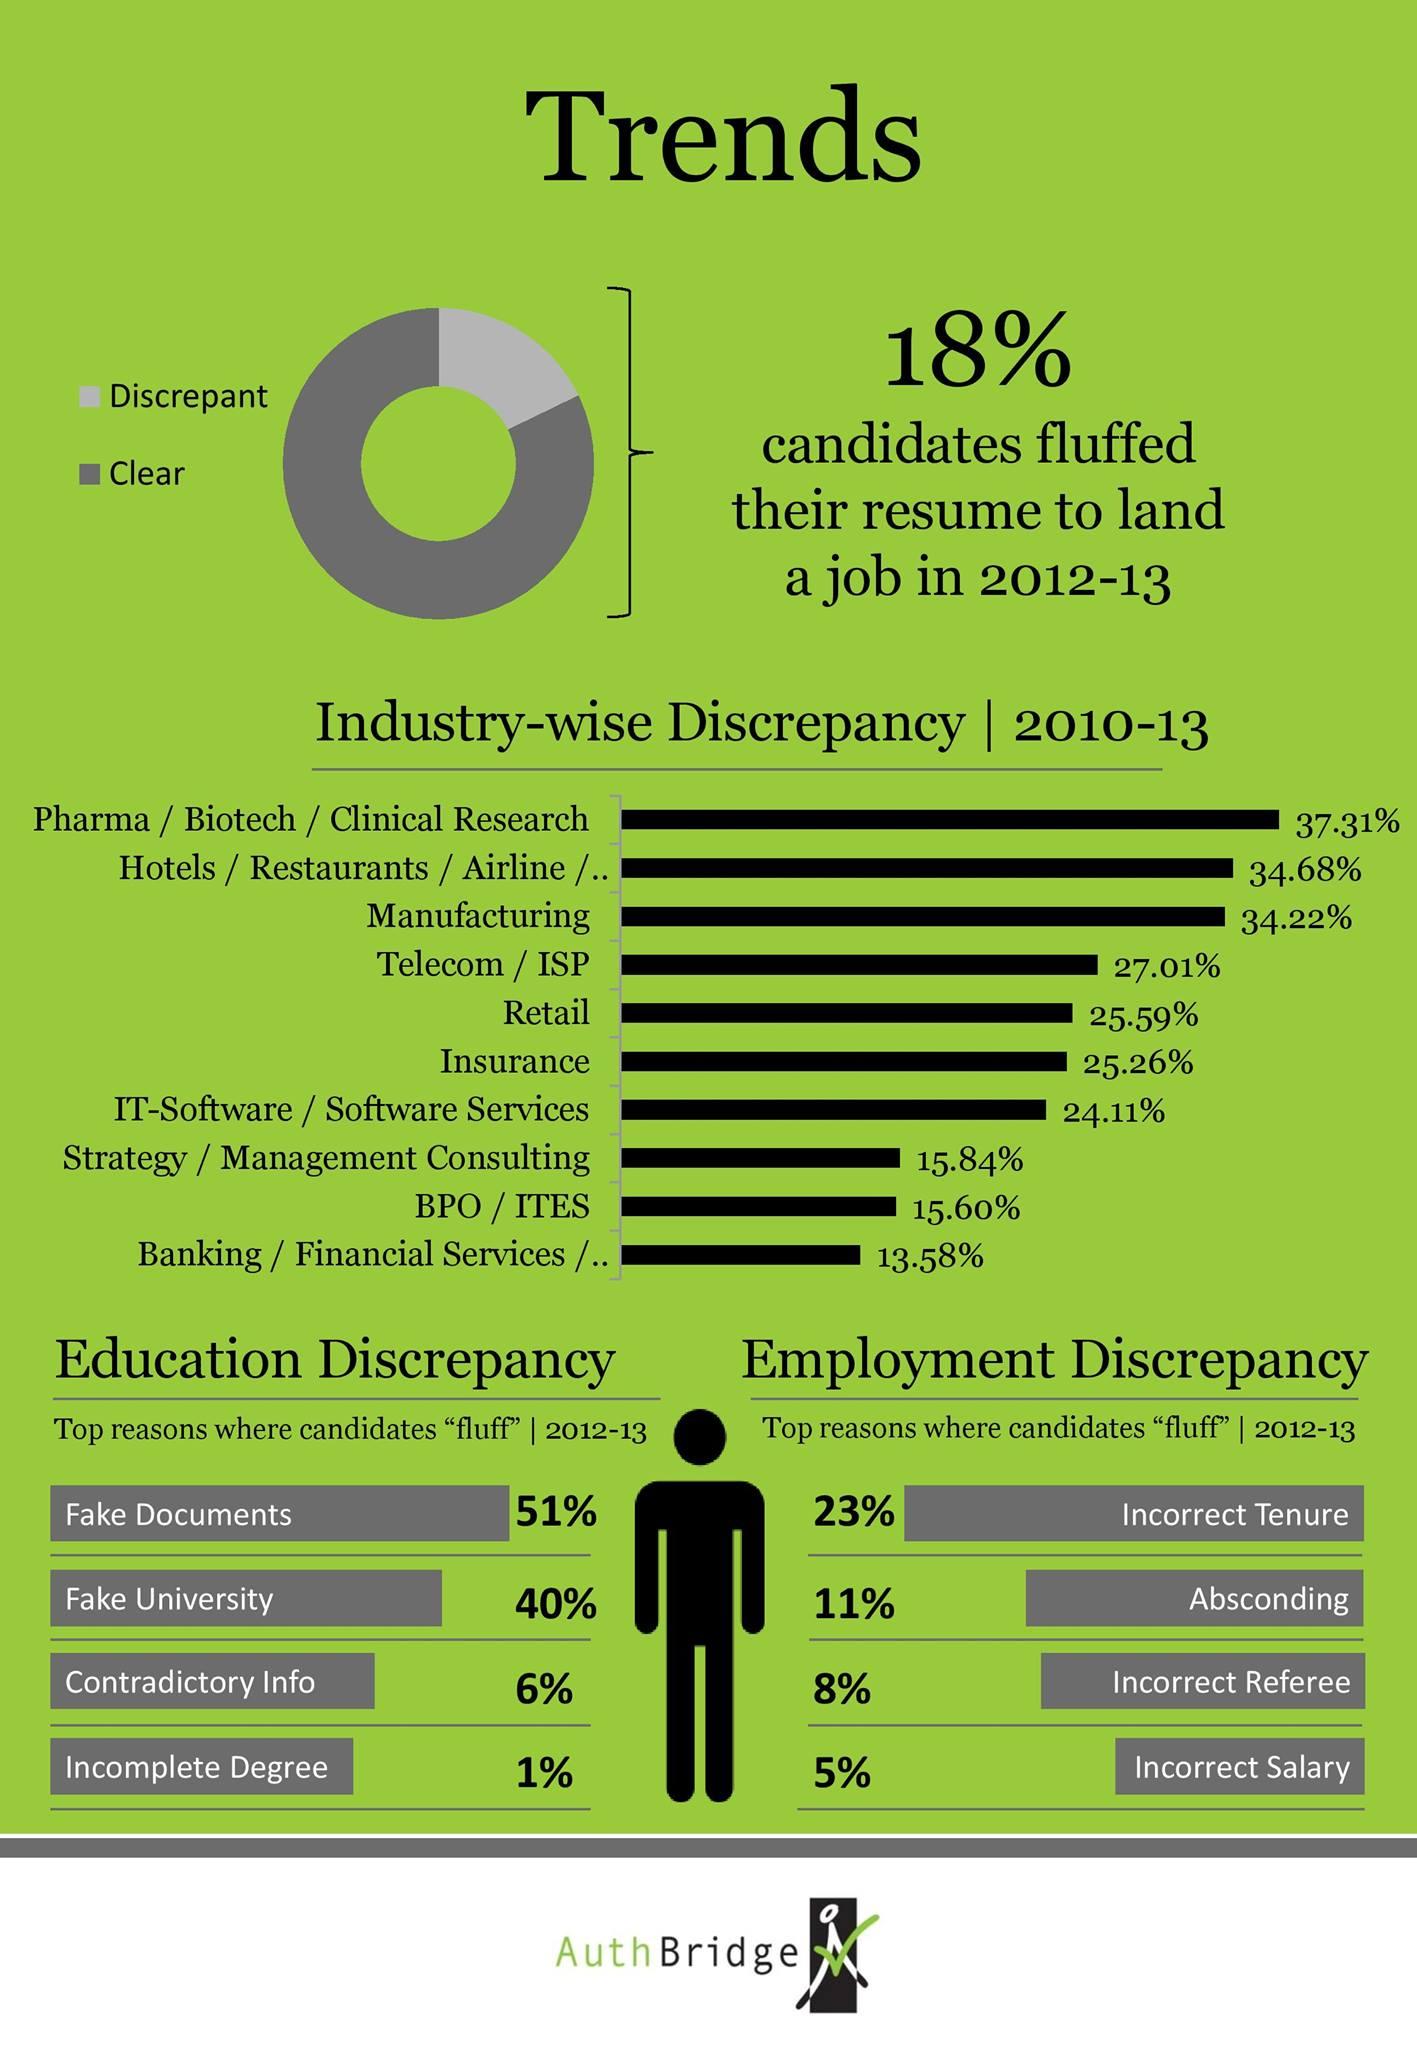 Employment Verification Fraud PreciseHire Com Employment